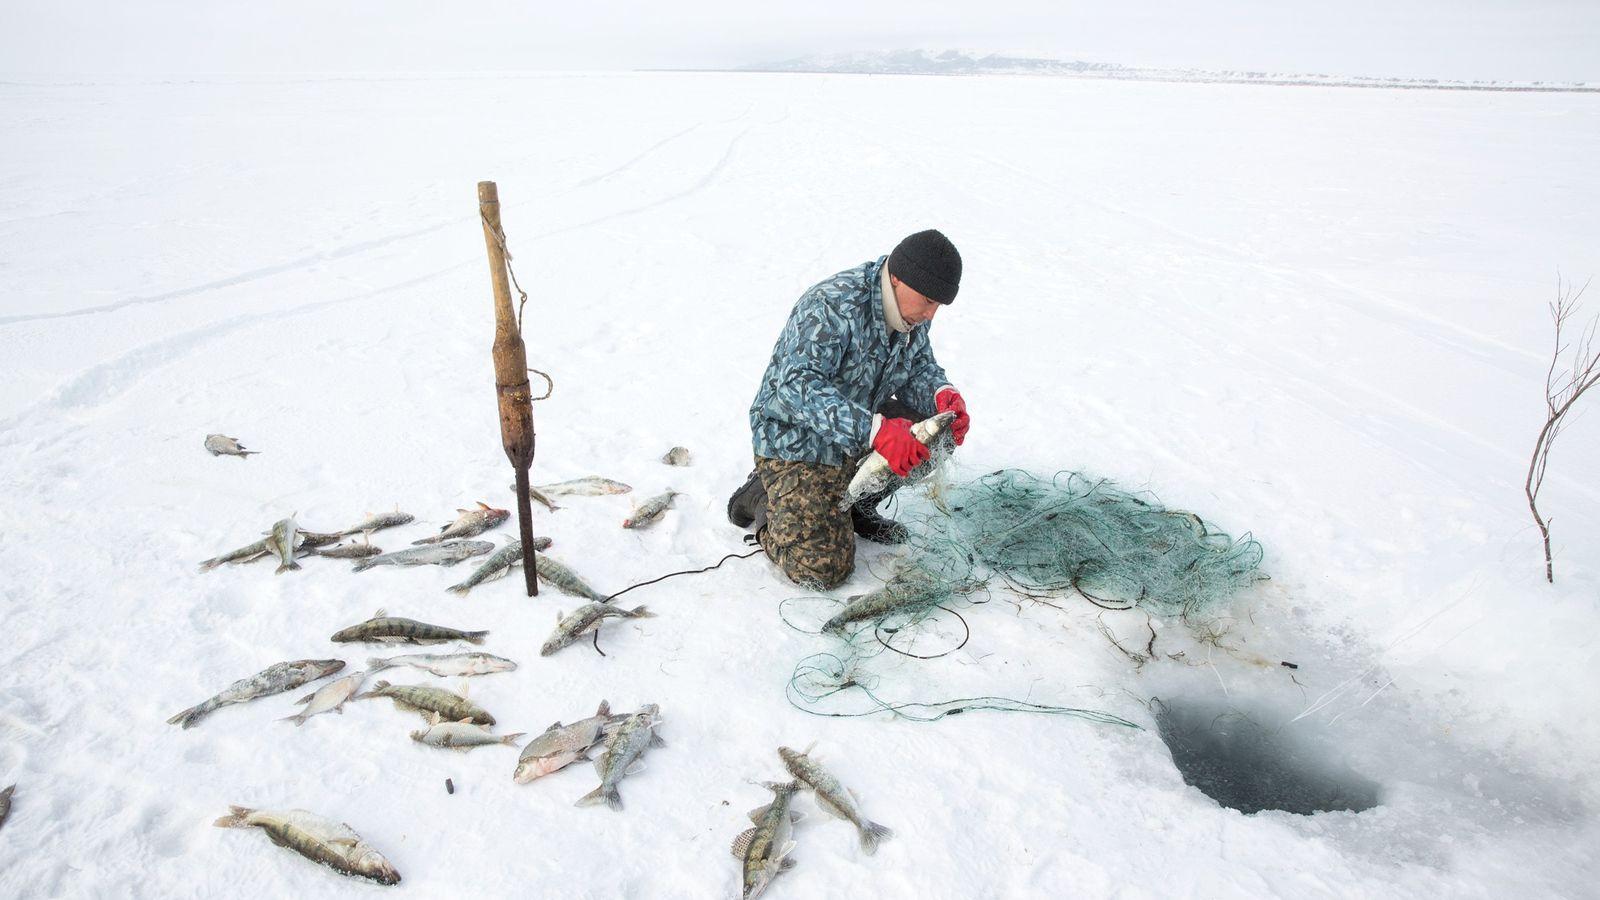 Près de Tastubek, au Kazakhstan, Omirserik Ibragimov, 25 ans, pêche sous la glace à l'aide d'un ...